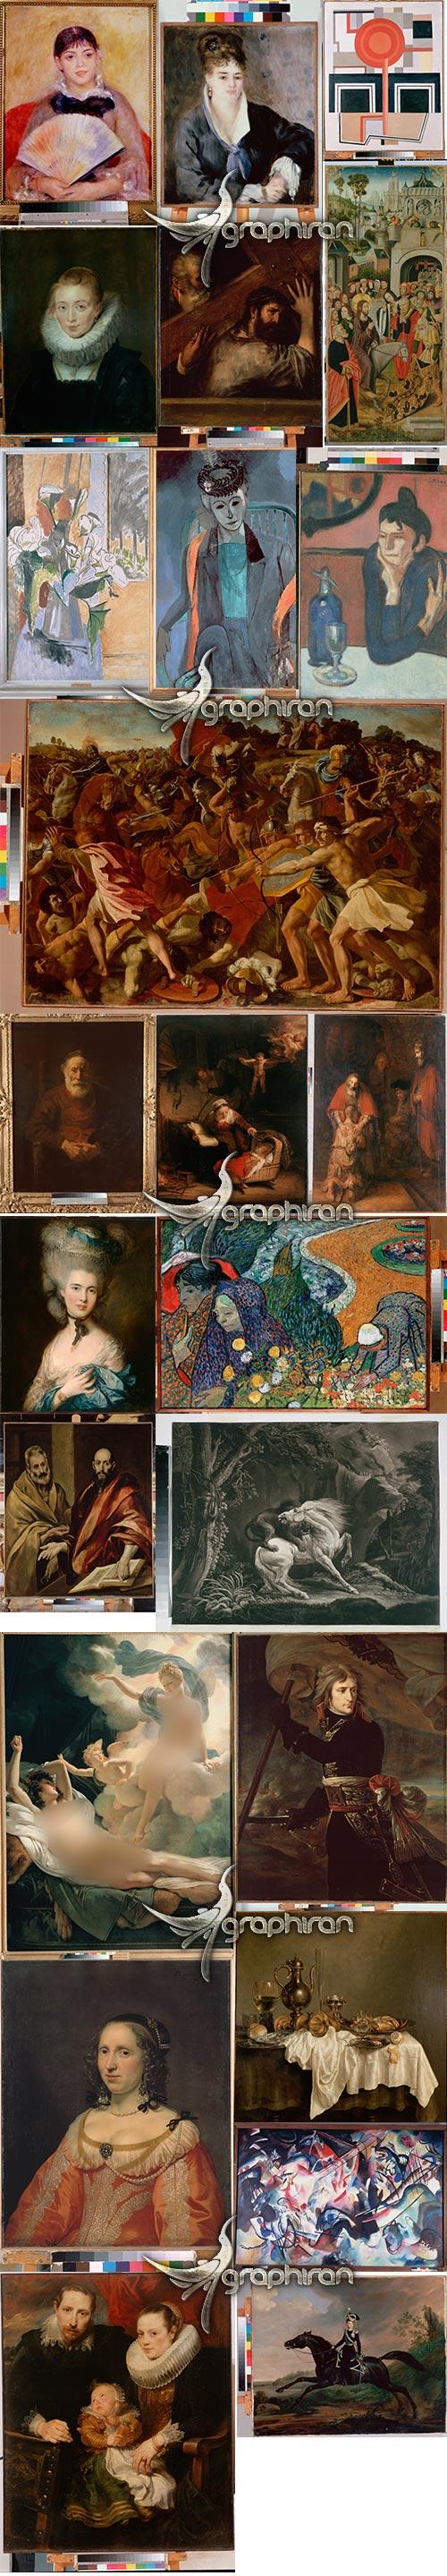 عکس های نقاشی های نقاشان بزرگ